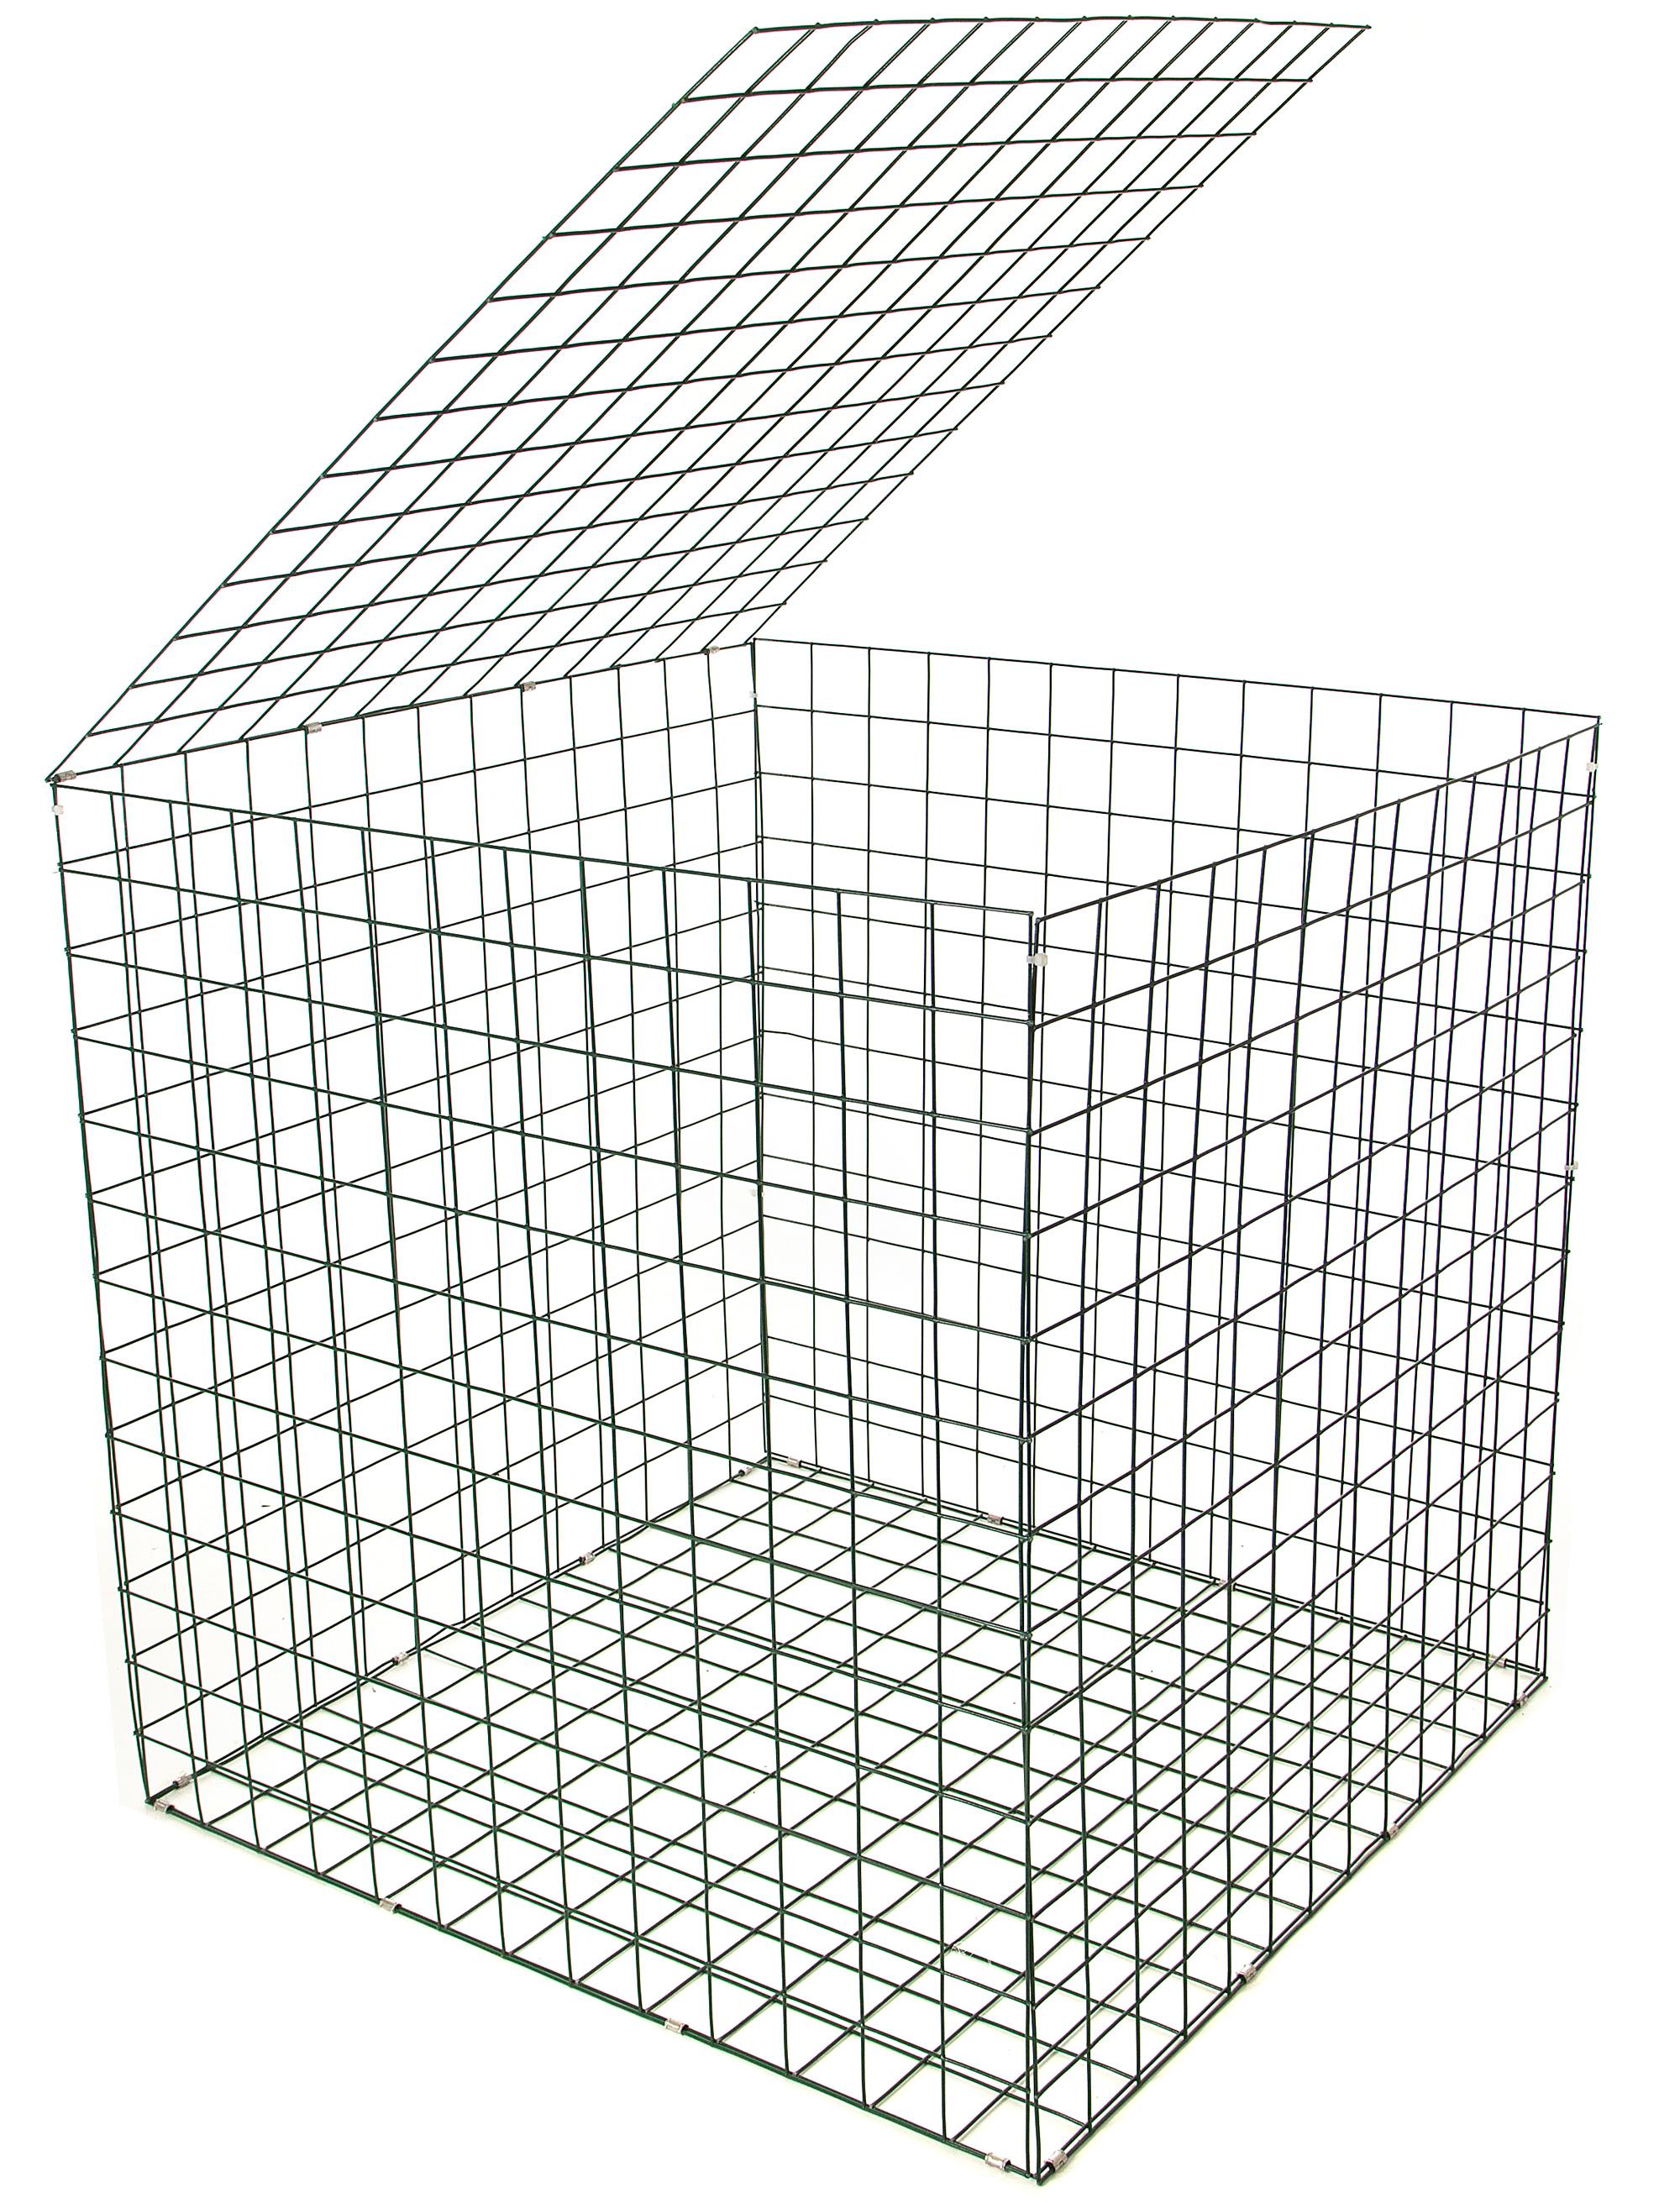 Gabion Basket Green Pvc 3mm 1m X 1m X 1m Retaining Wall